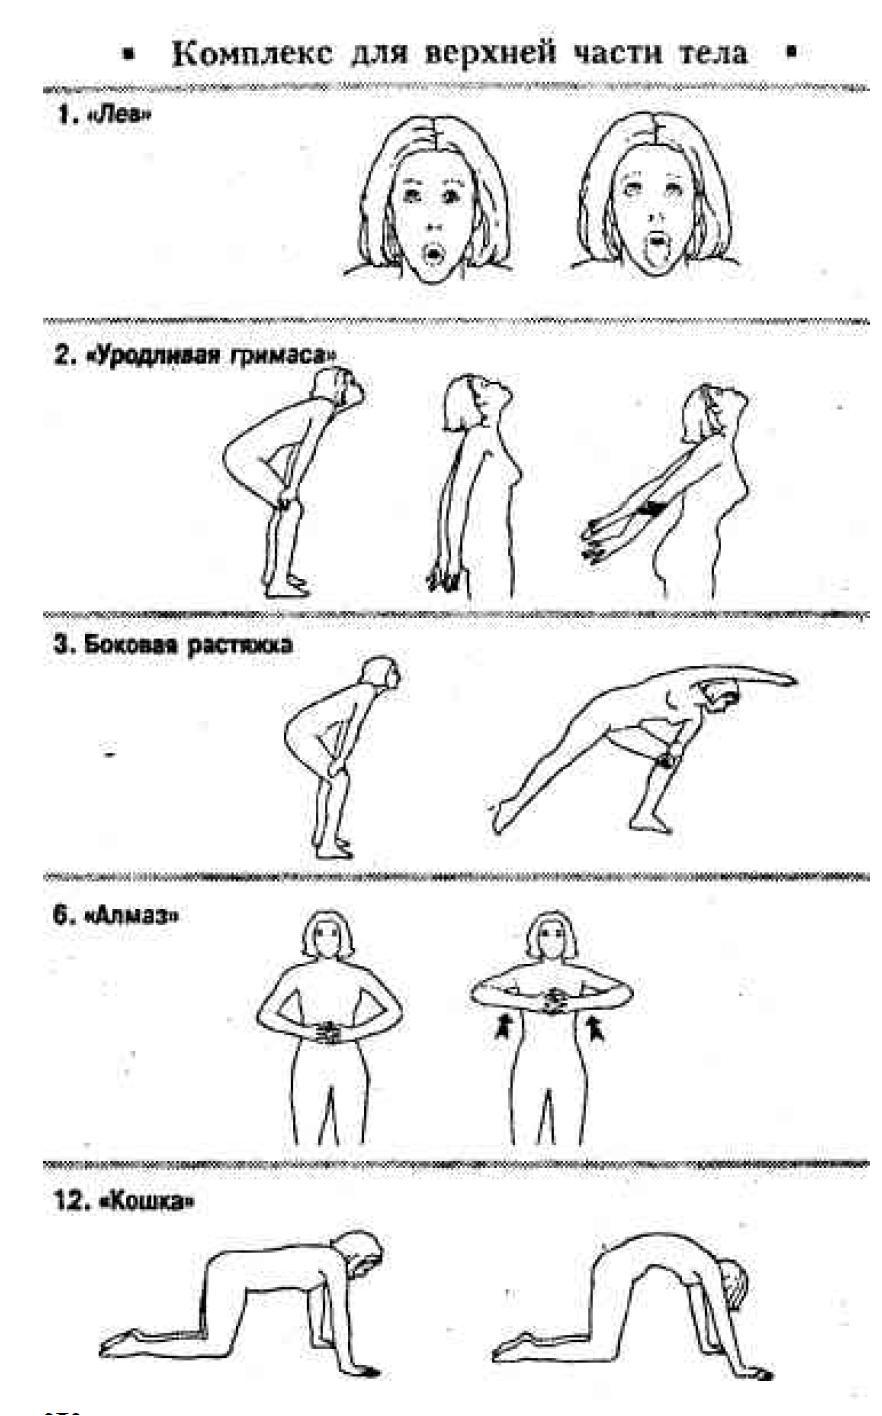 Комплекс упражнений бодифлекса в картинках